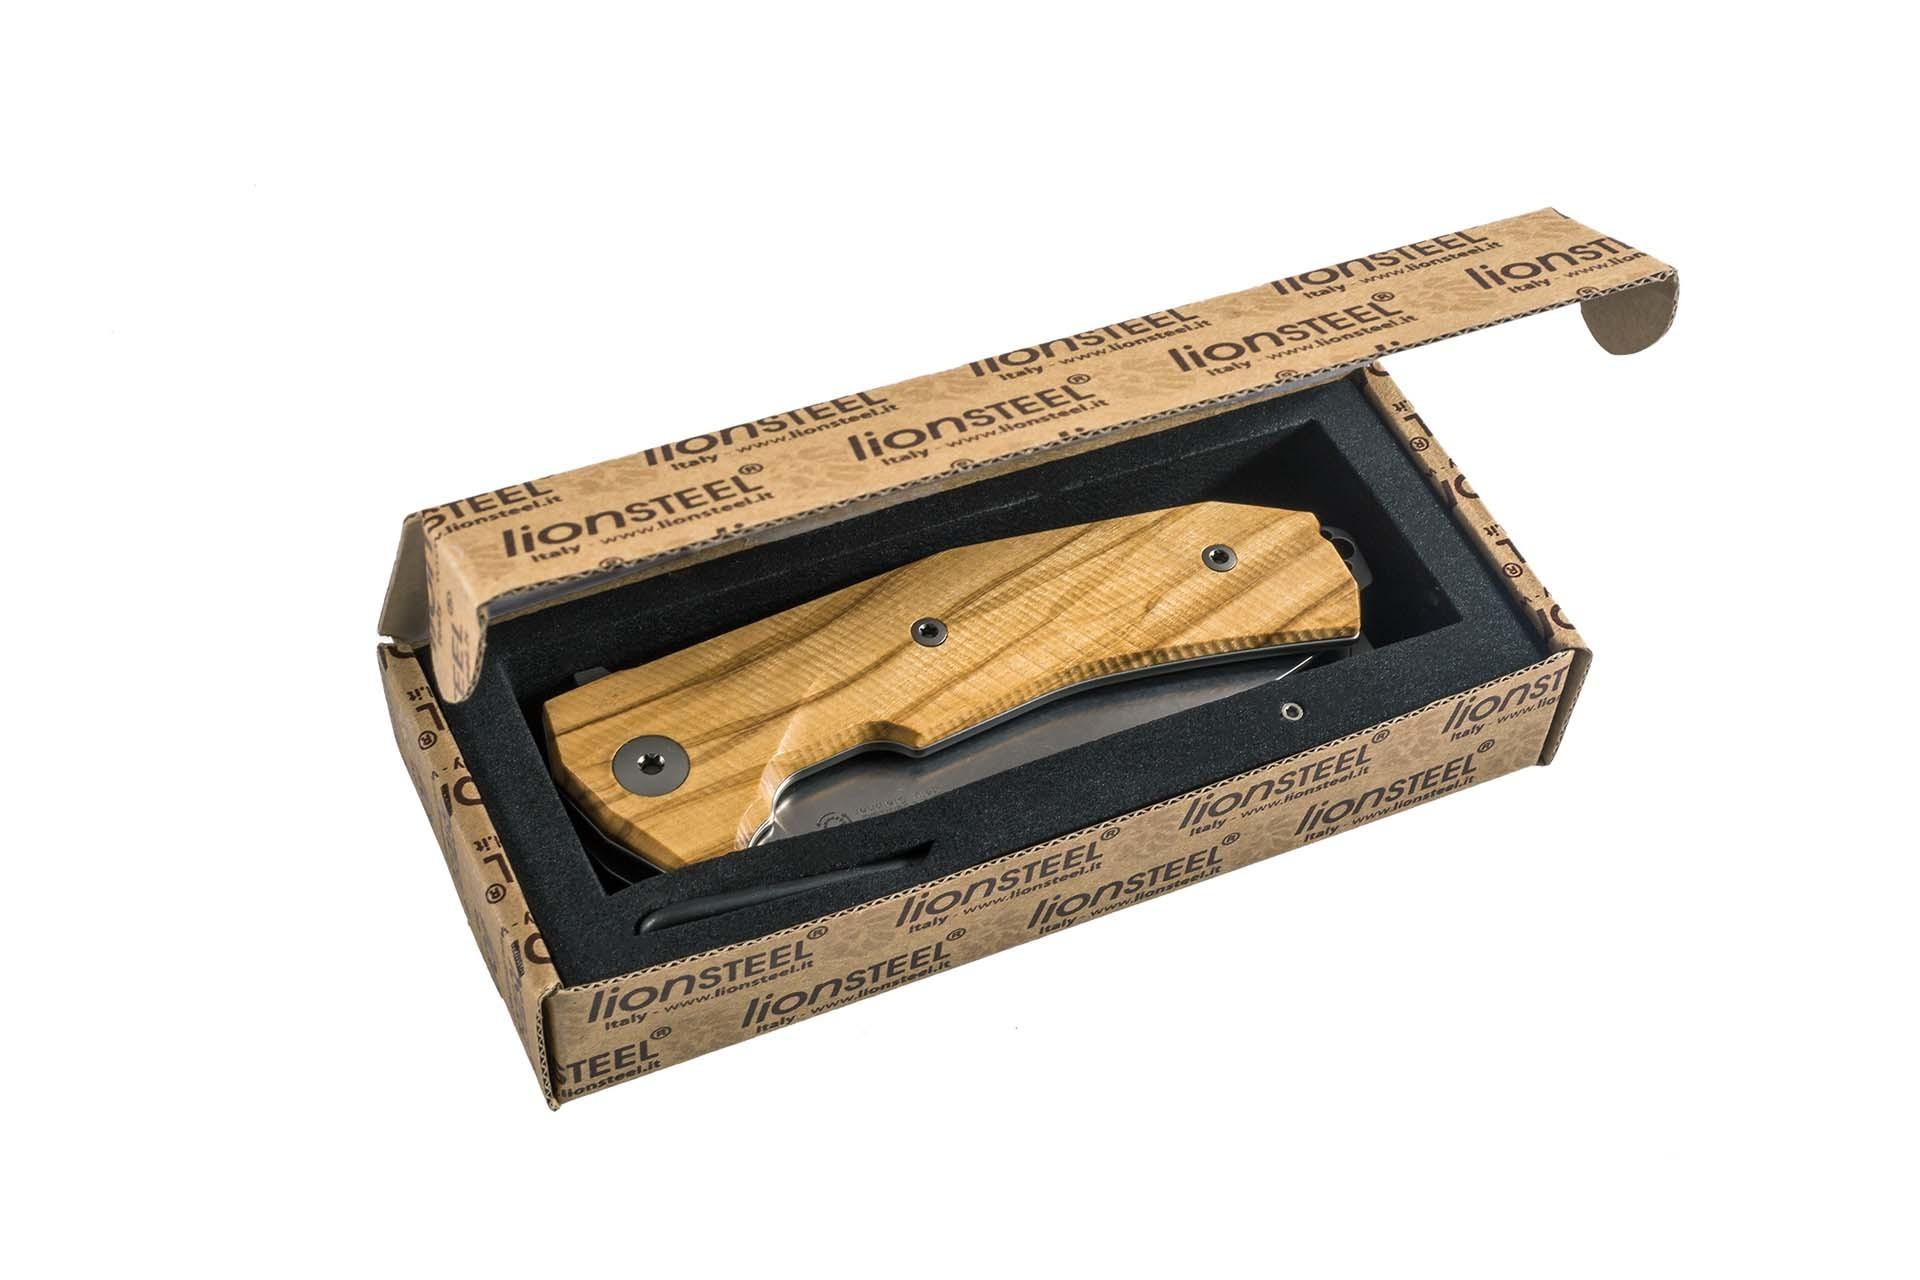 Фото 4 - Нож складной LionSteel KUR BUL Olive Wood, сталь Stonewashed & PVD-Coated Uddeholm Sleipner®, рукоять оливковое дерево от Lion Steel